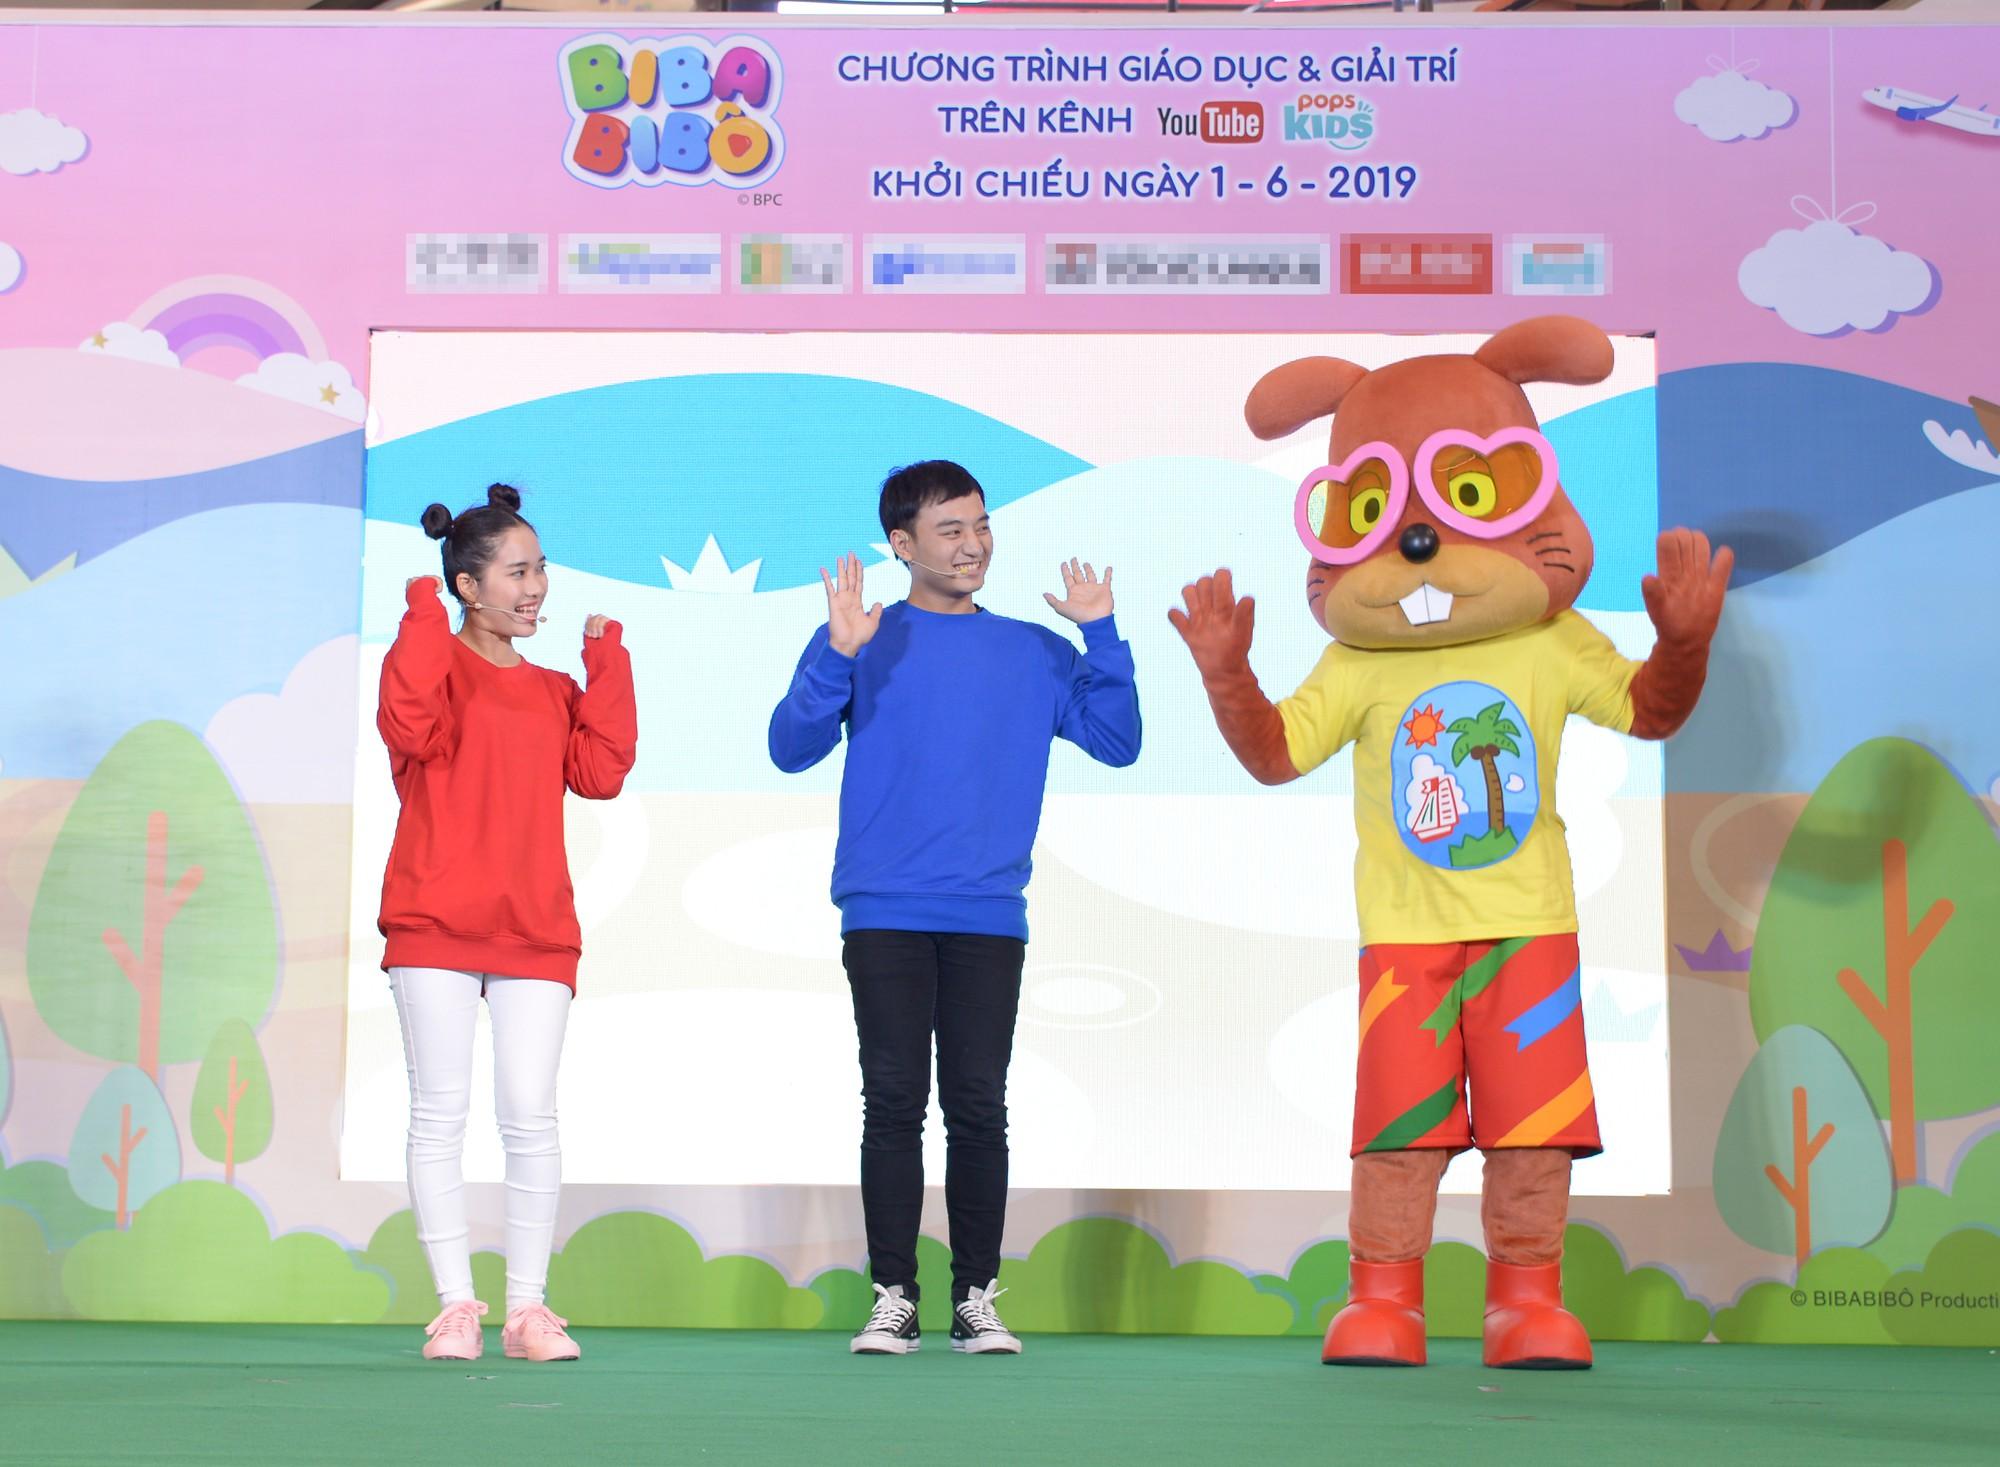 Sao nhí Việt hào hứng chào đón chương trình giải trí mới dành cho thiếu nhi - Ảnh 4.